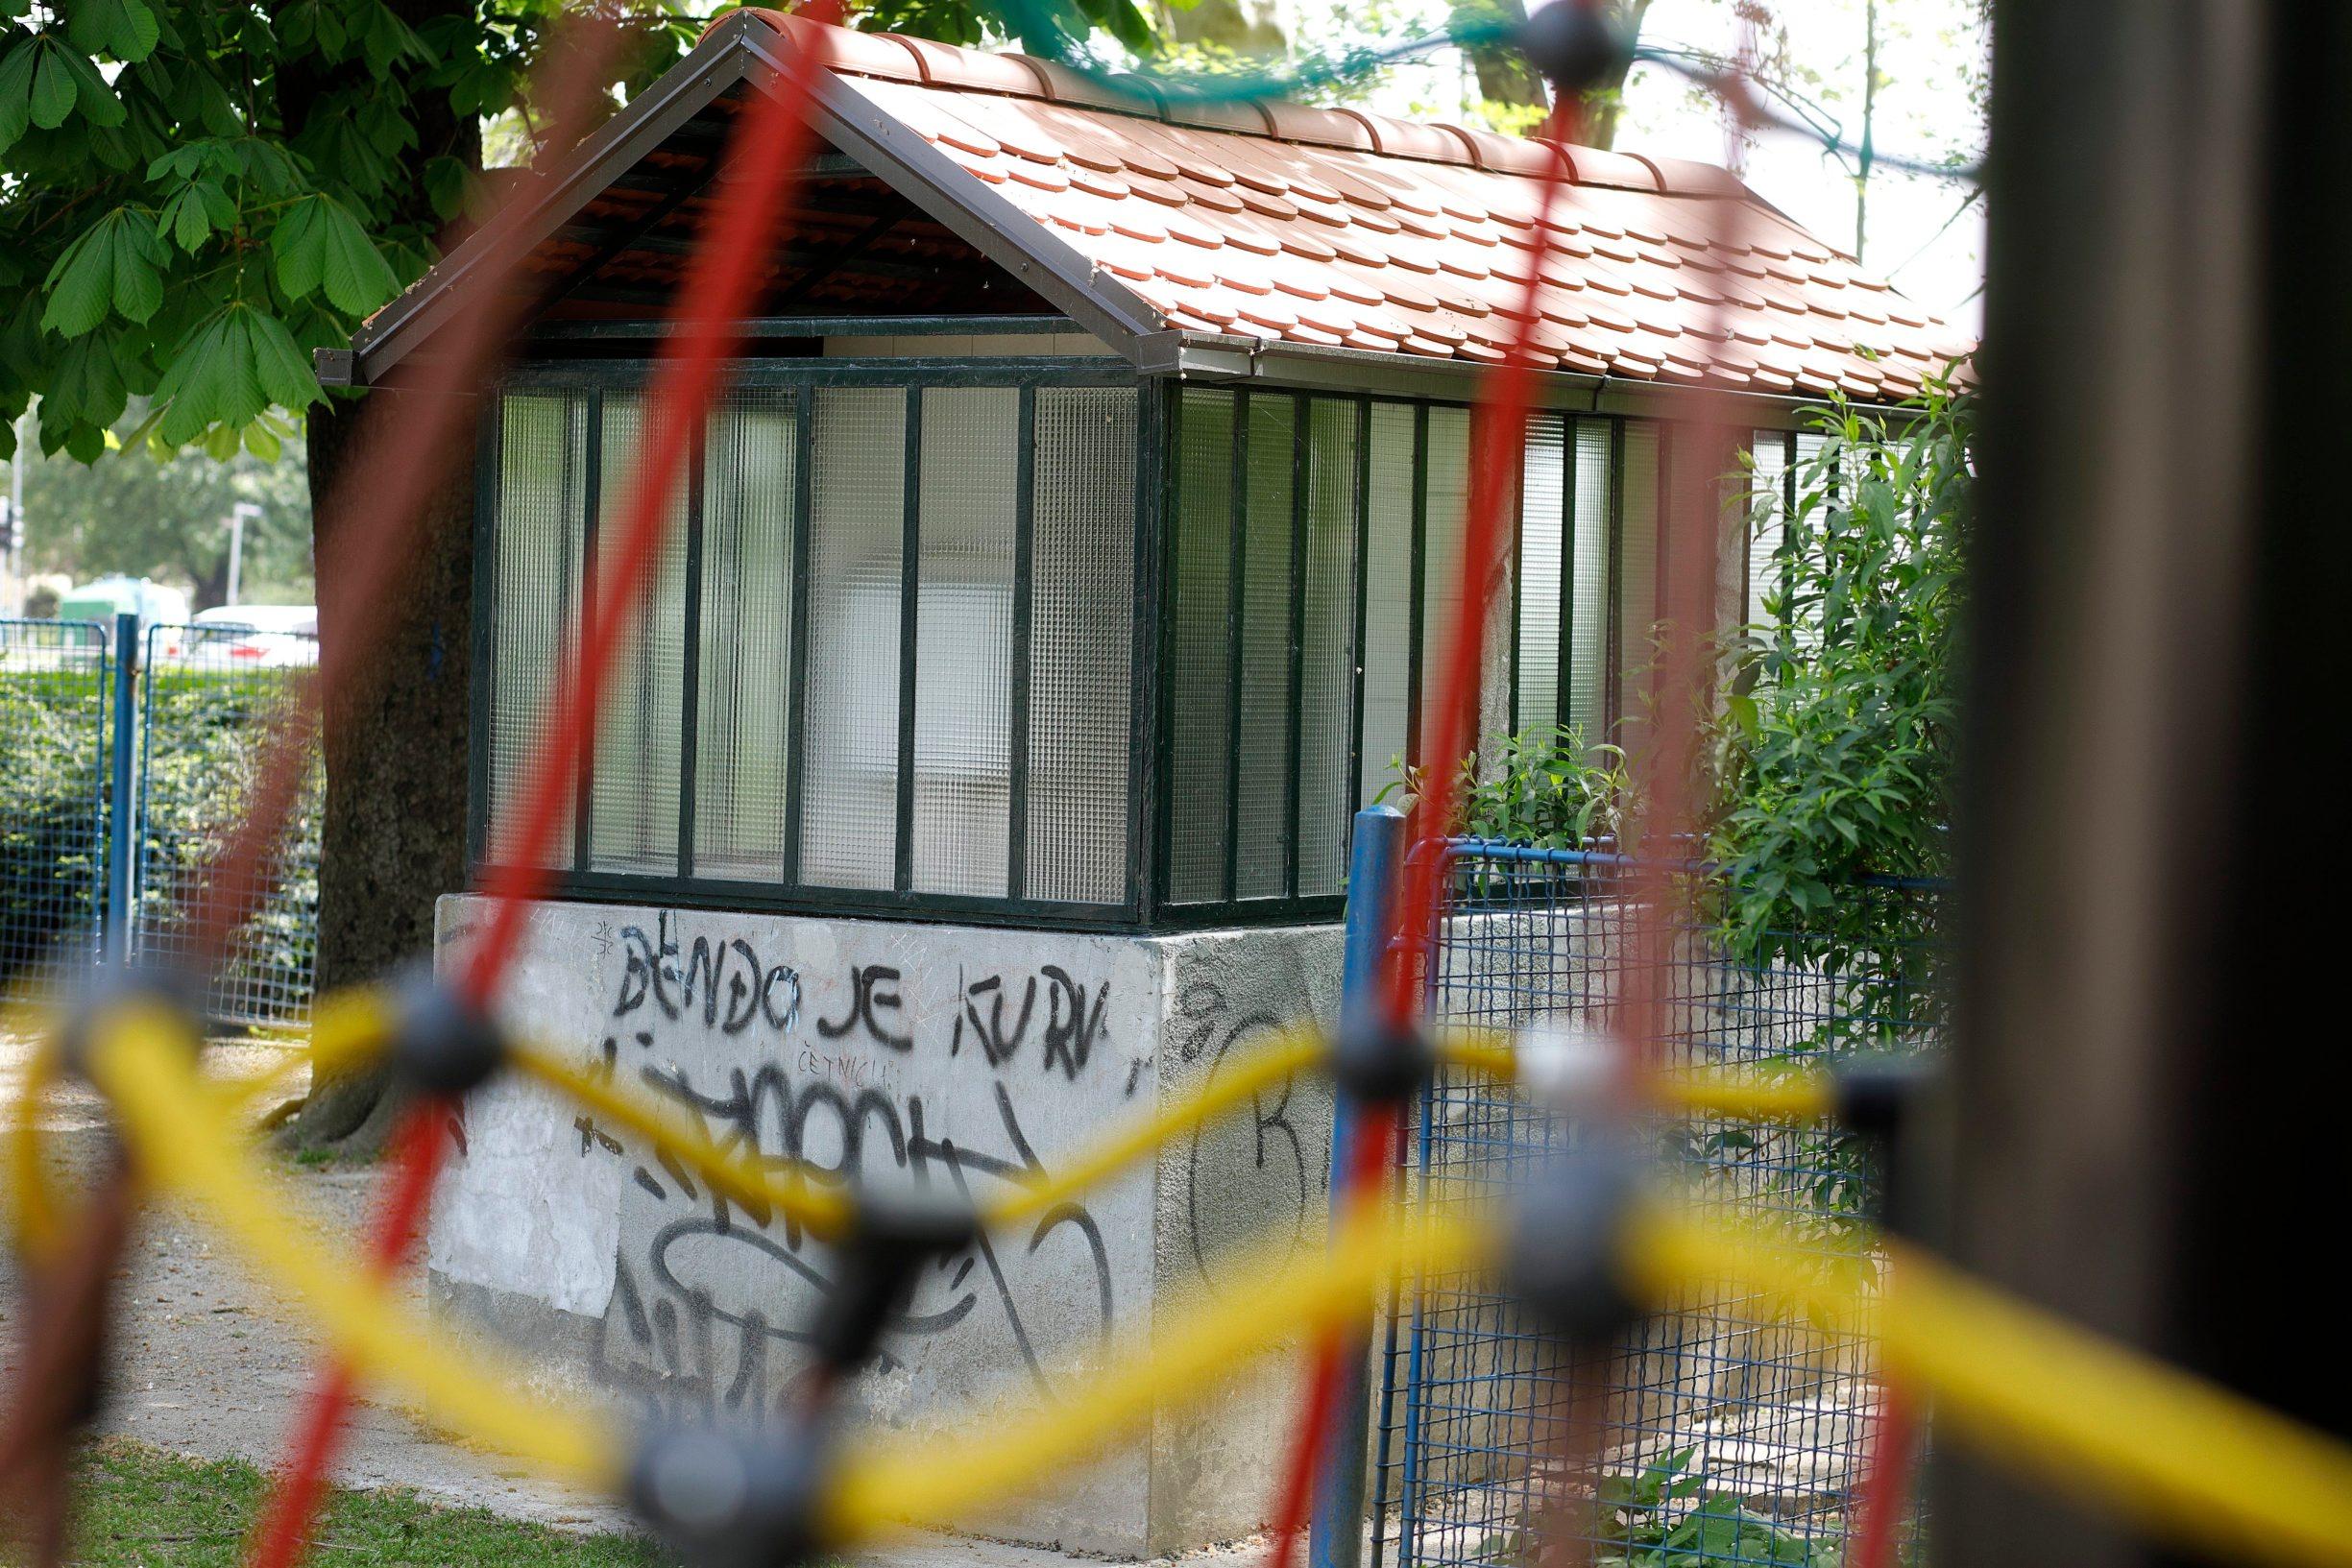 Zagreb, 260419. WC i djecje igraliste, u parku na Trgu kralja Petra Kresimira, uskoro bi se trebali obnavljati. Foto: Dragan Matic / CROPIX